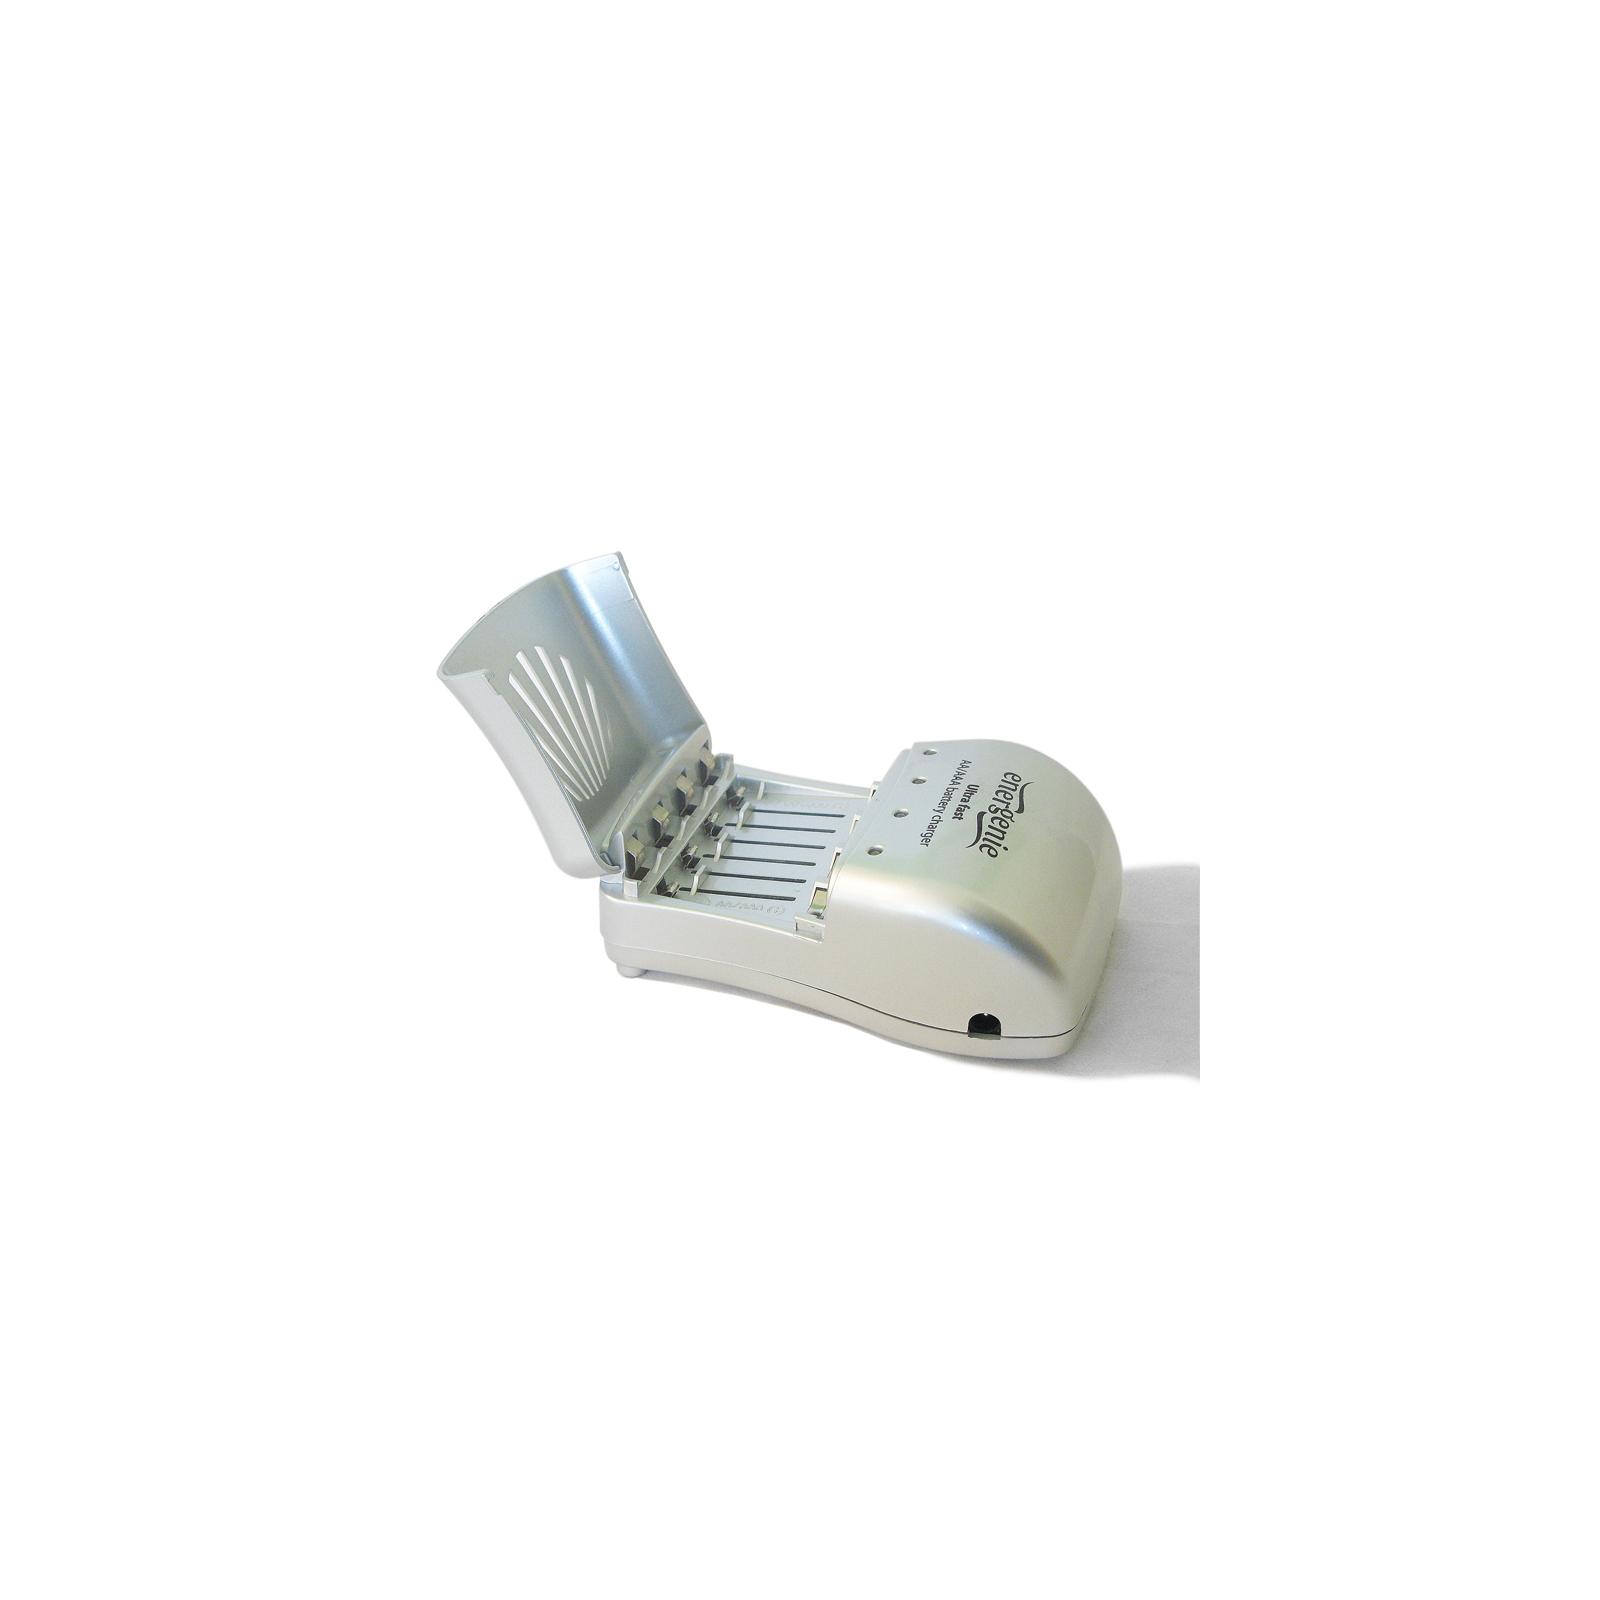 Зарядное устройство для аккумуляторов EnerGenie ультрашвидкісне AA, AAA (Ni-MH) (EG-BC-003)